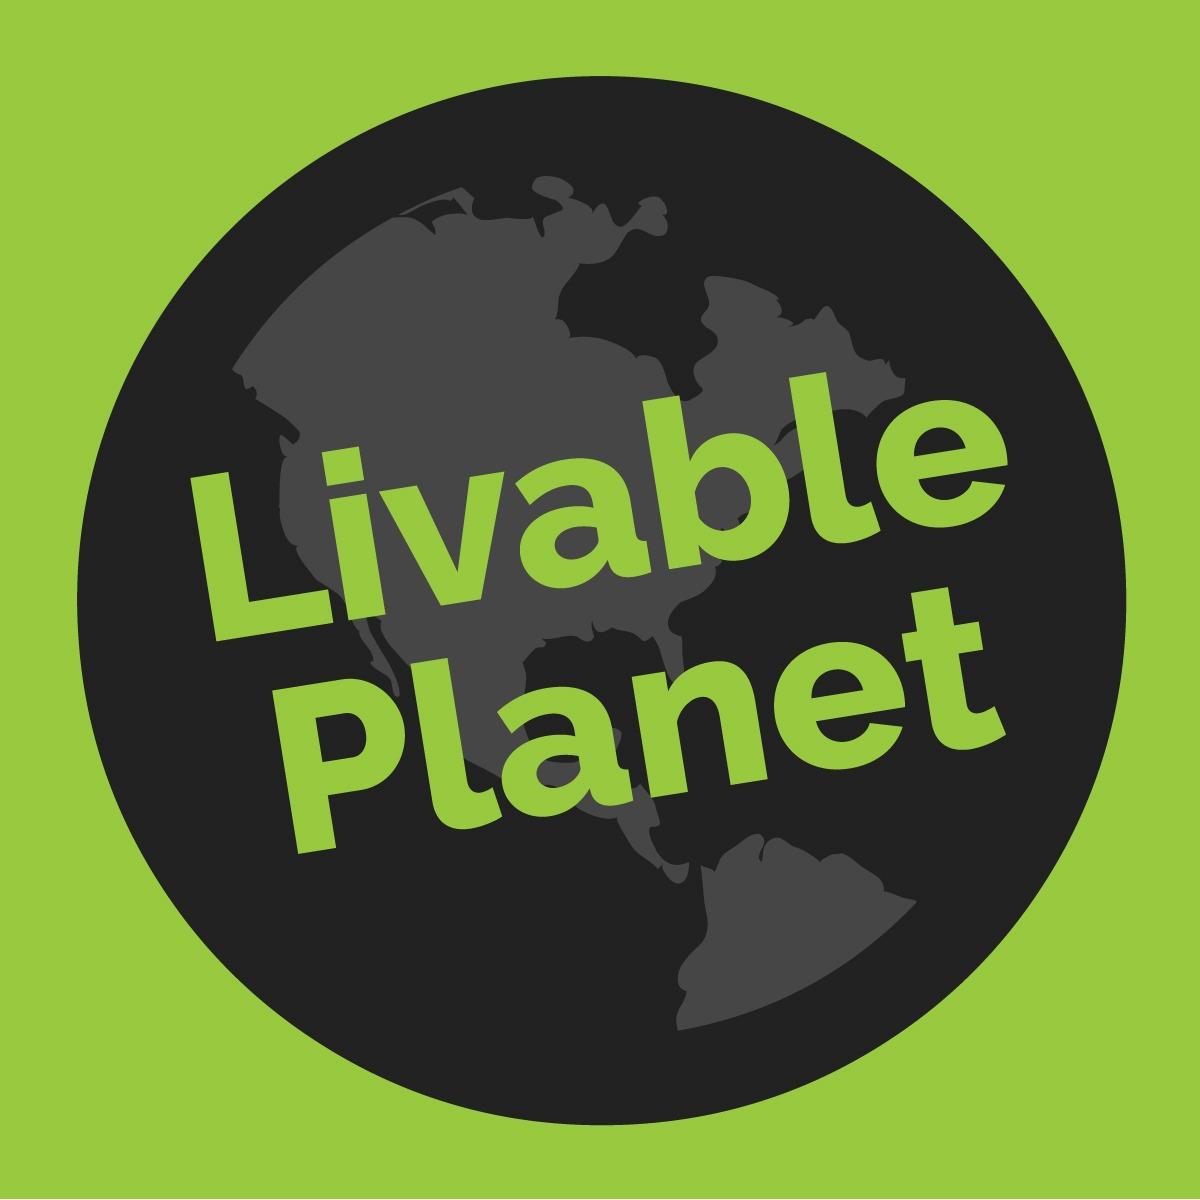 Livable Planet